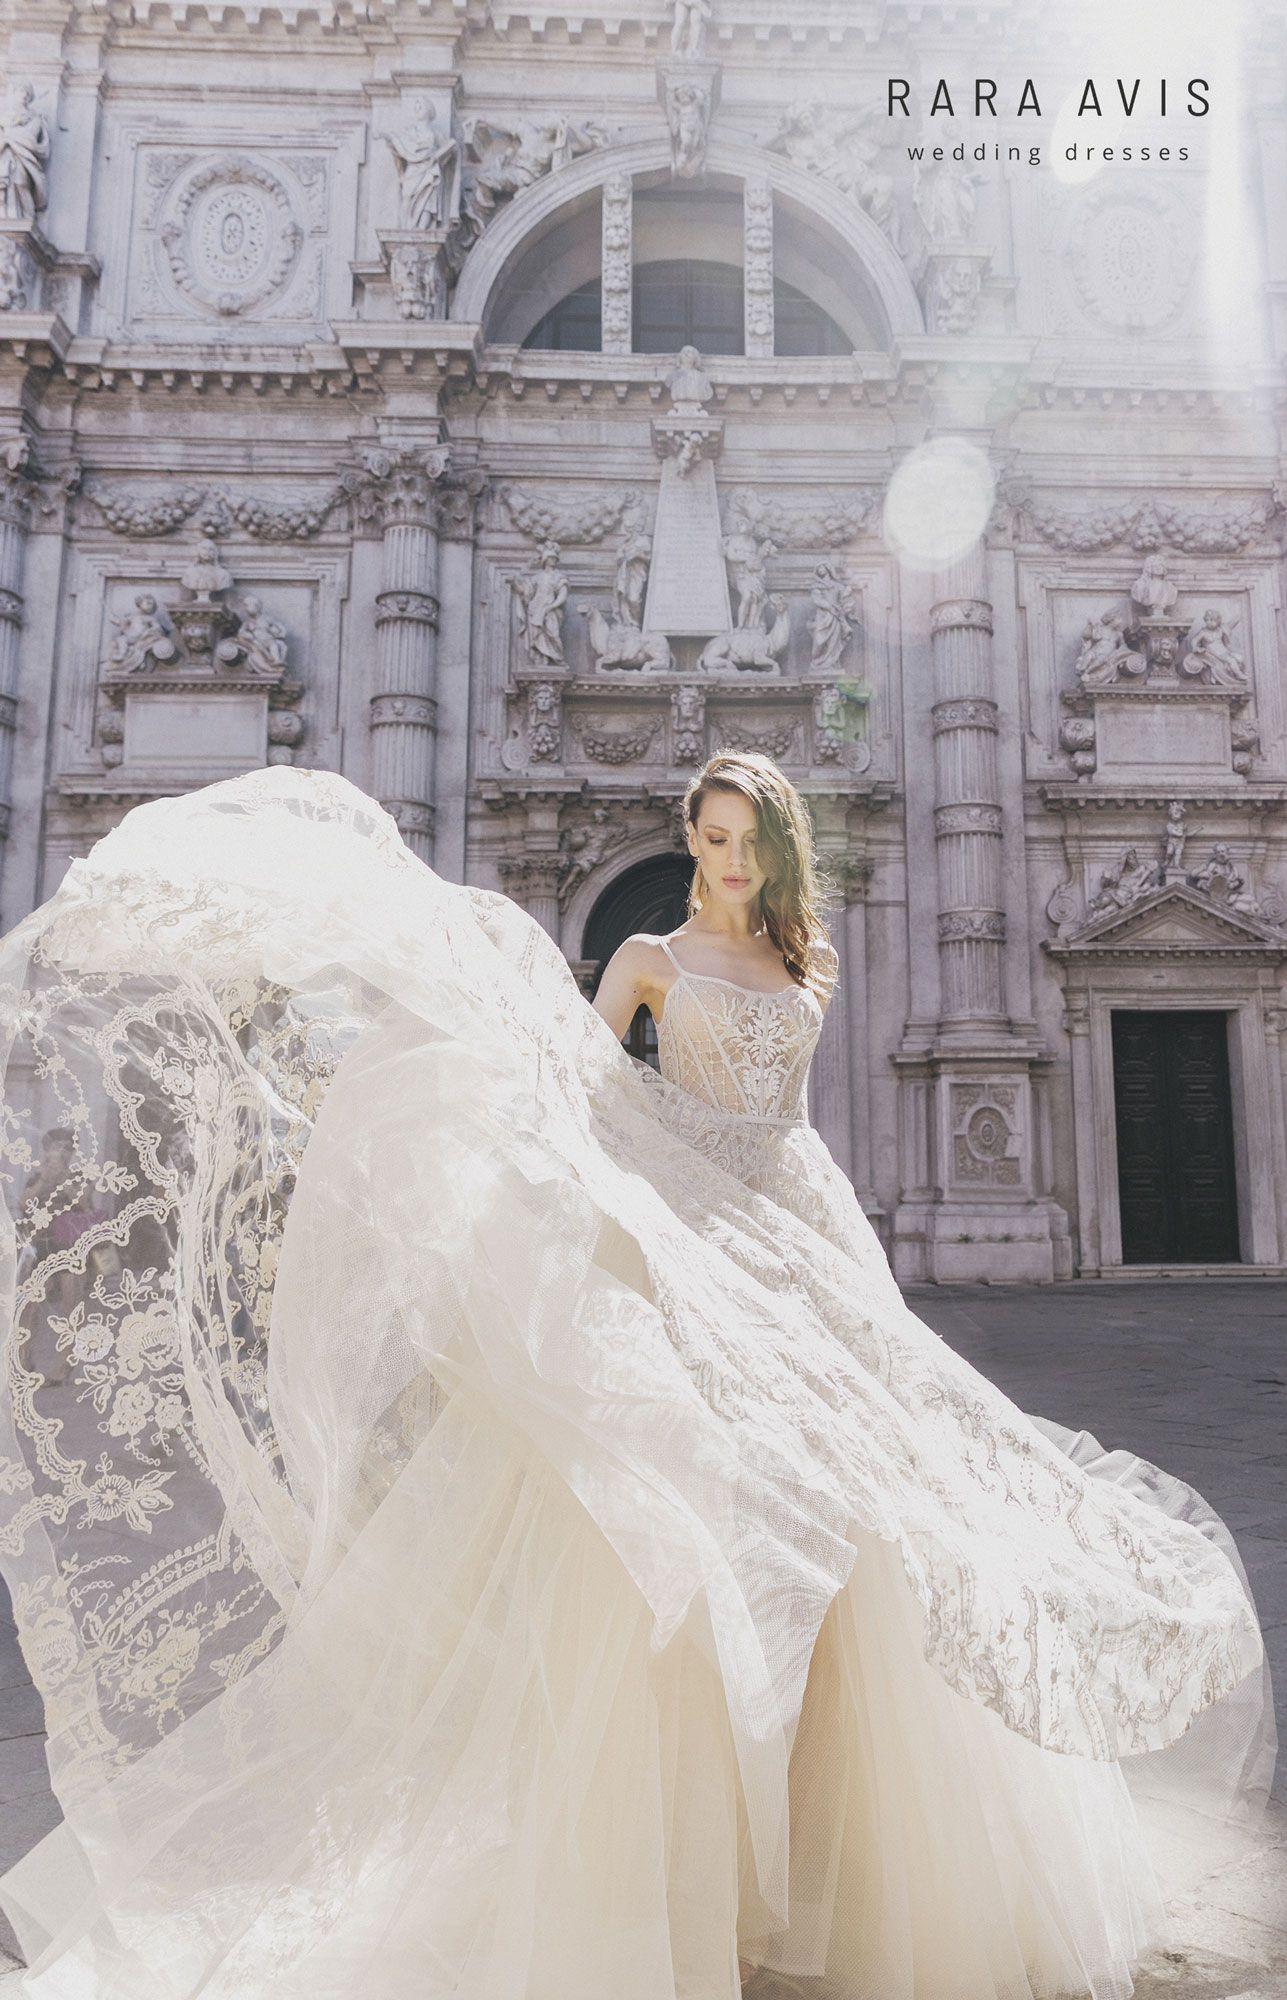 Lovia Rara Avis Com Imagens Dress Luxury Casamento Vestido De Noiva,Cocktail Dress Wedding Guest Outfit Ideas 2020